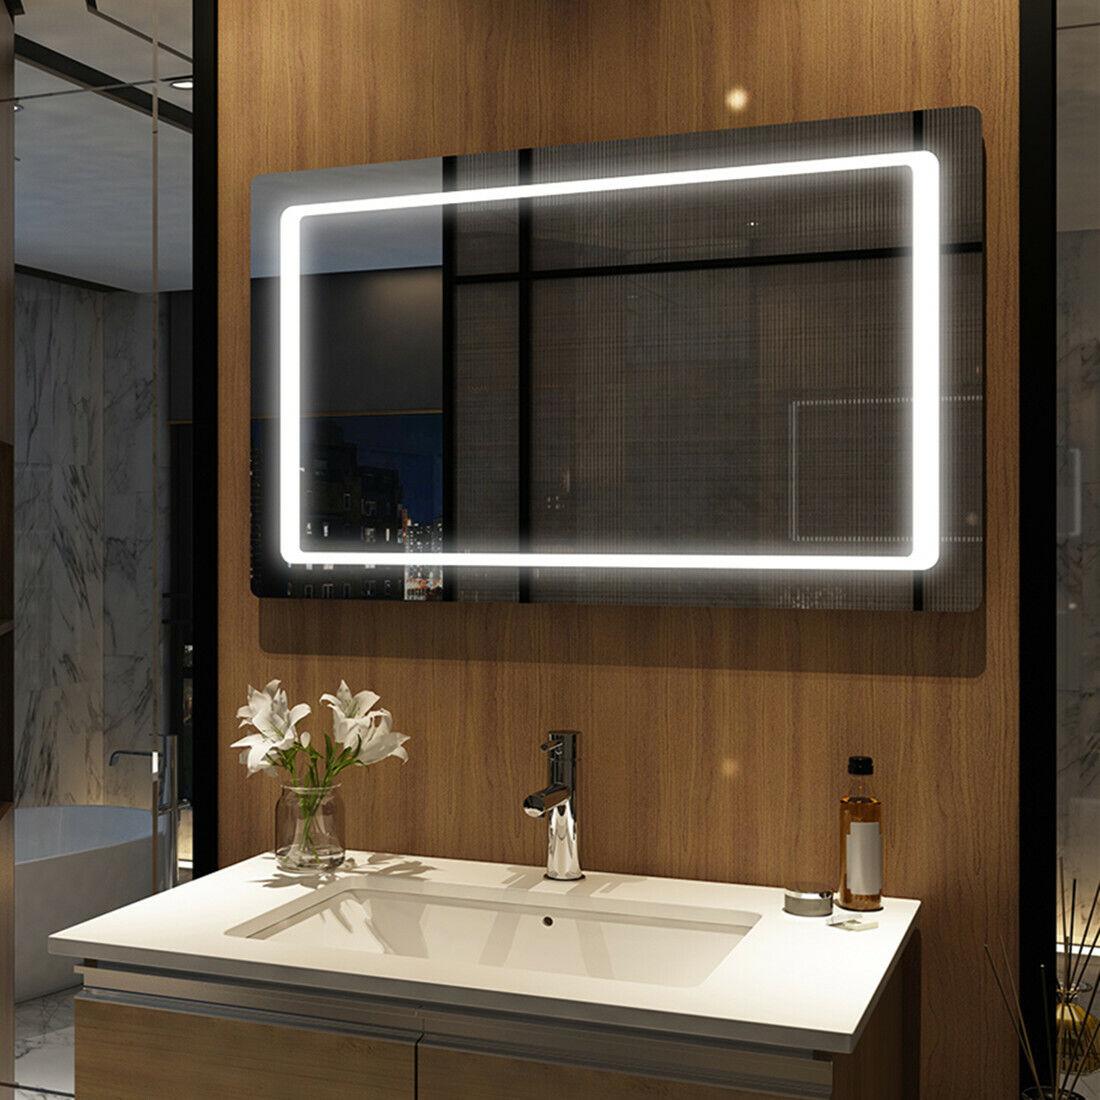 Badezimmerspiegel LED Badspiegel Lichtspiegel Wandspiegel Mit Sensor 100x60 cm